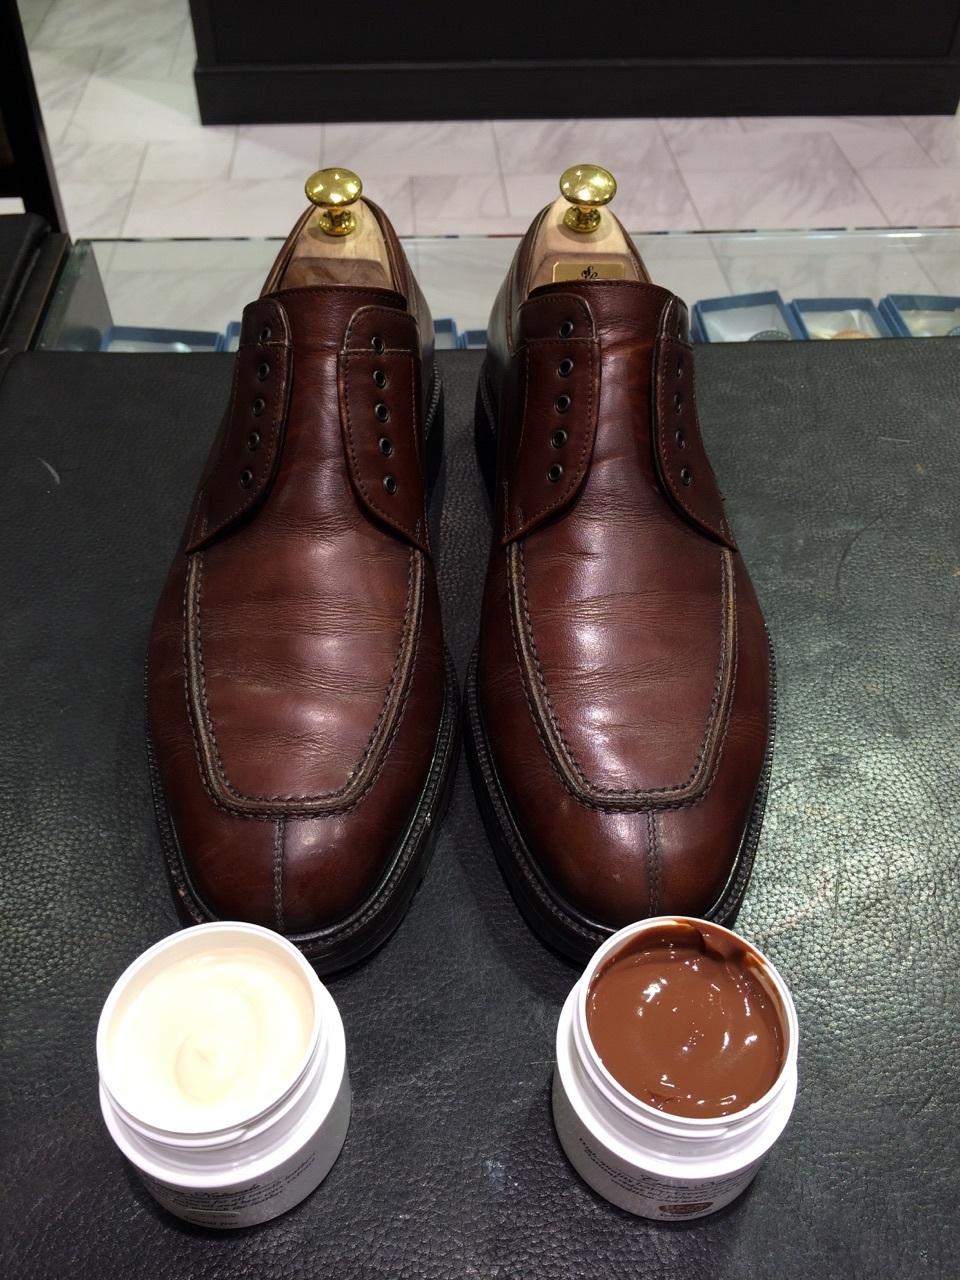 茶色の靴にはどっちのクリーム?_b0226322_13015784.jpg